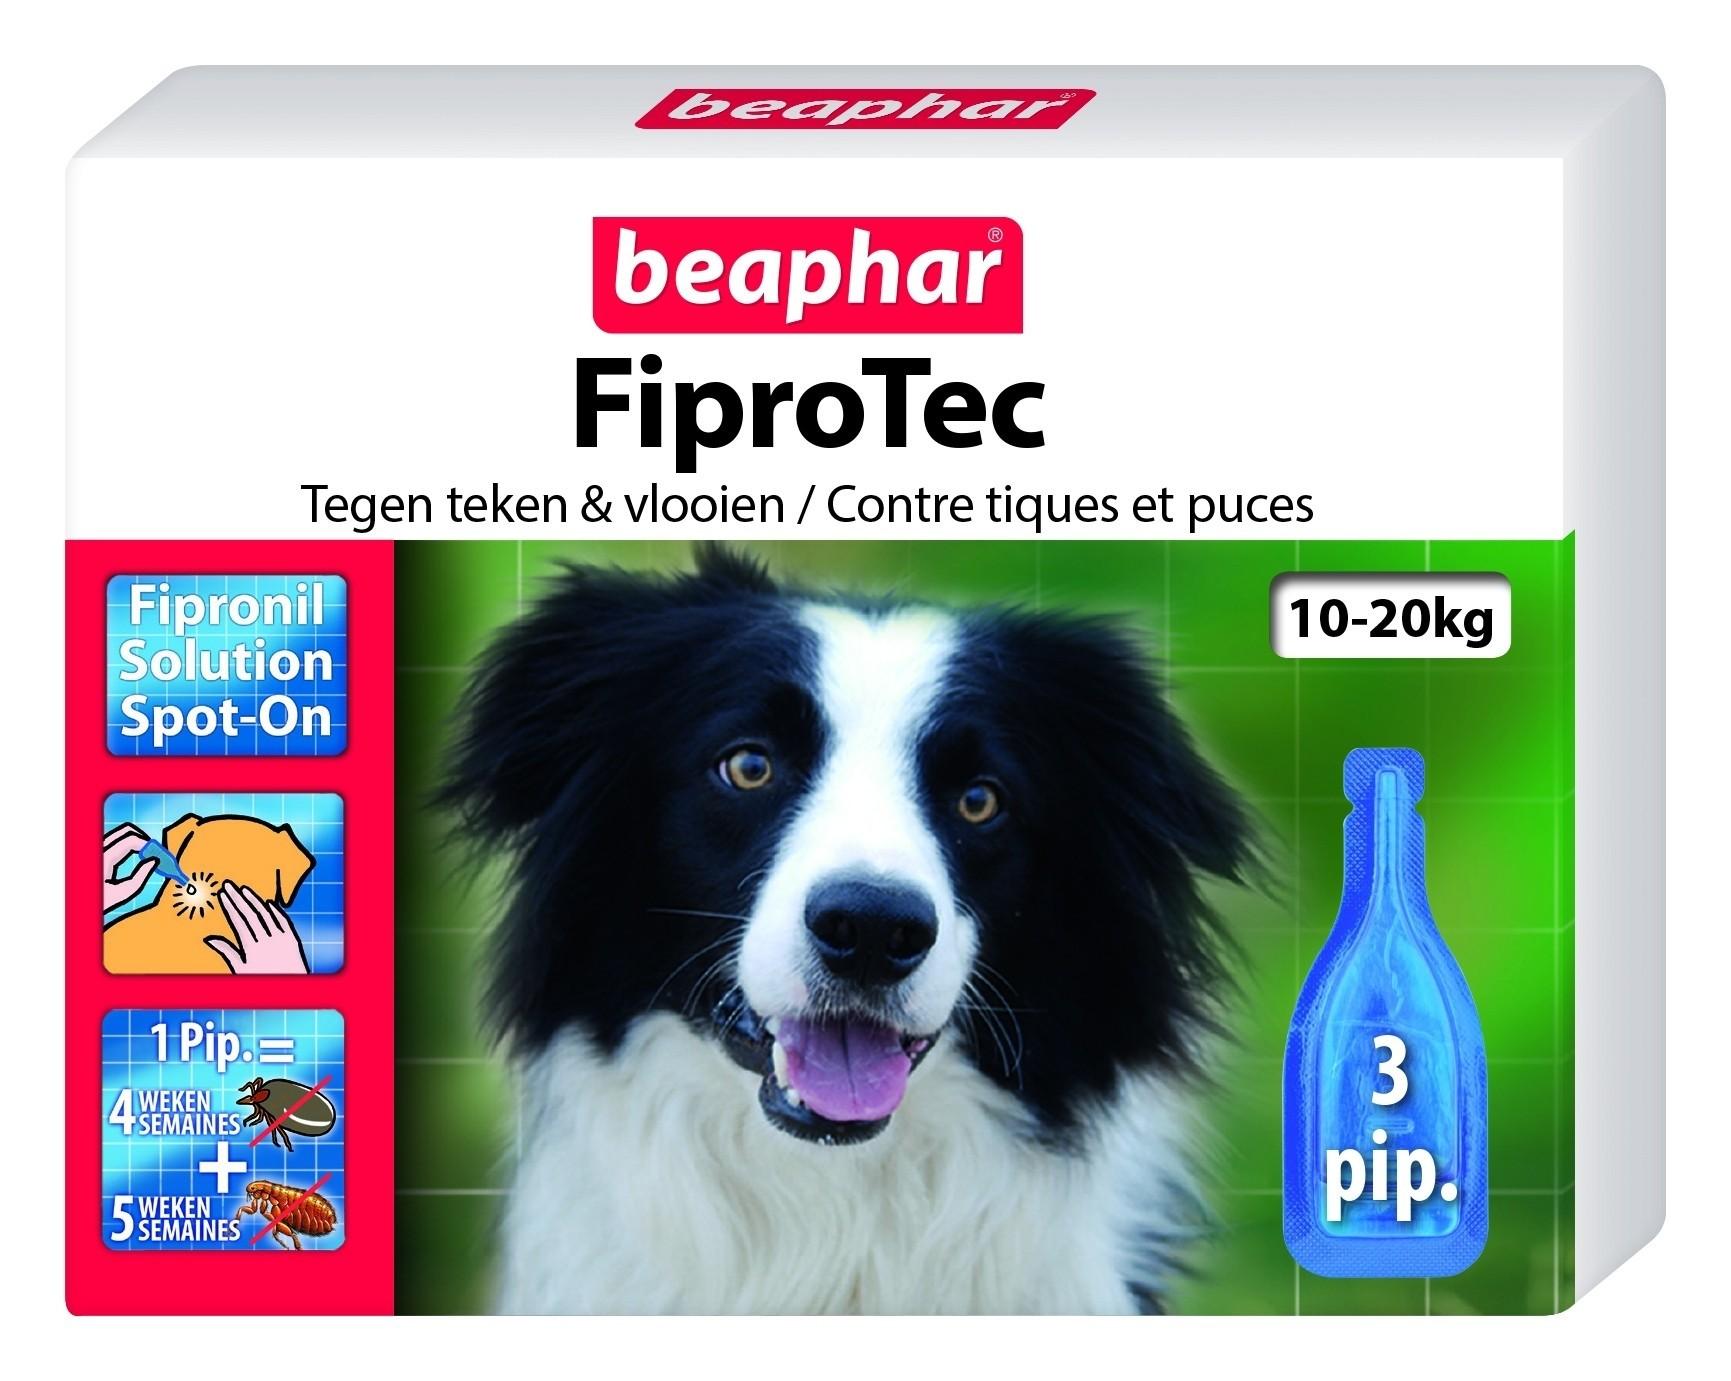 FIiprotec hond vlooien/teken 10-20kg 3 pipet